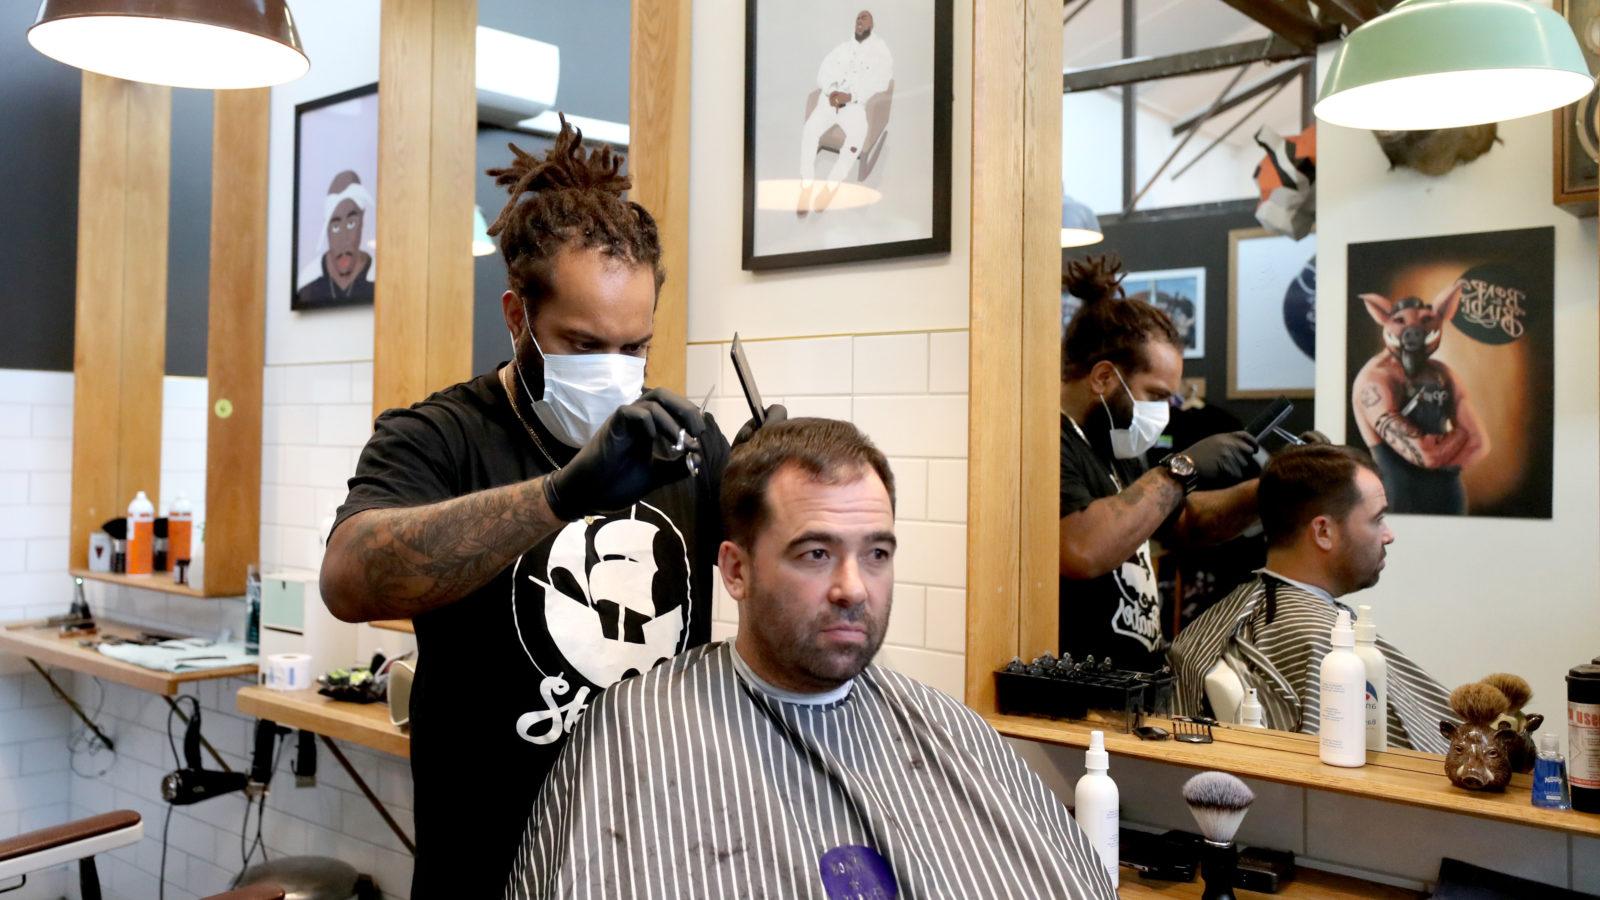 Barbeiros reabrem na Nova Zelândia. Crédito: Getty Images